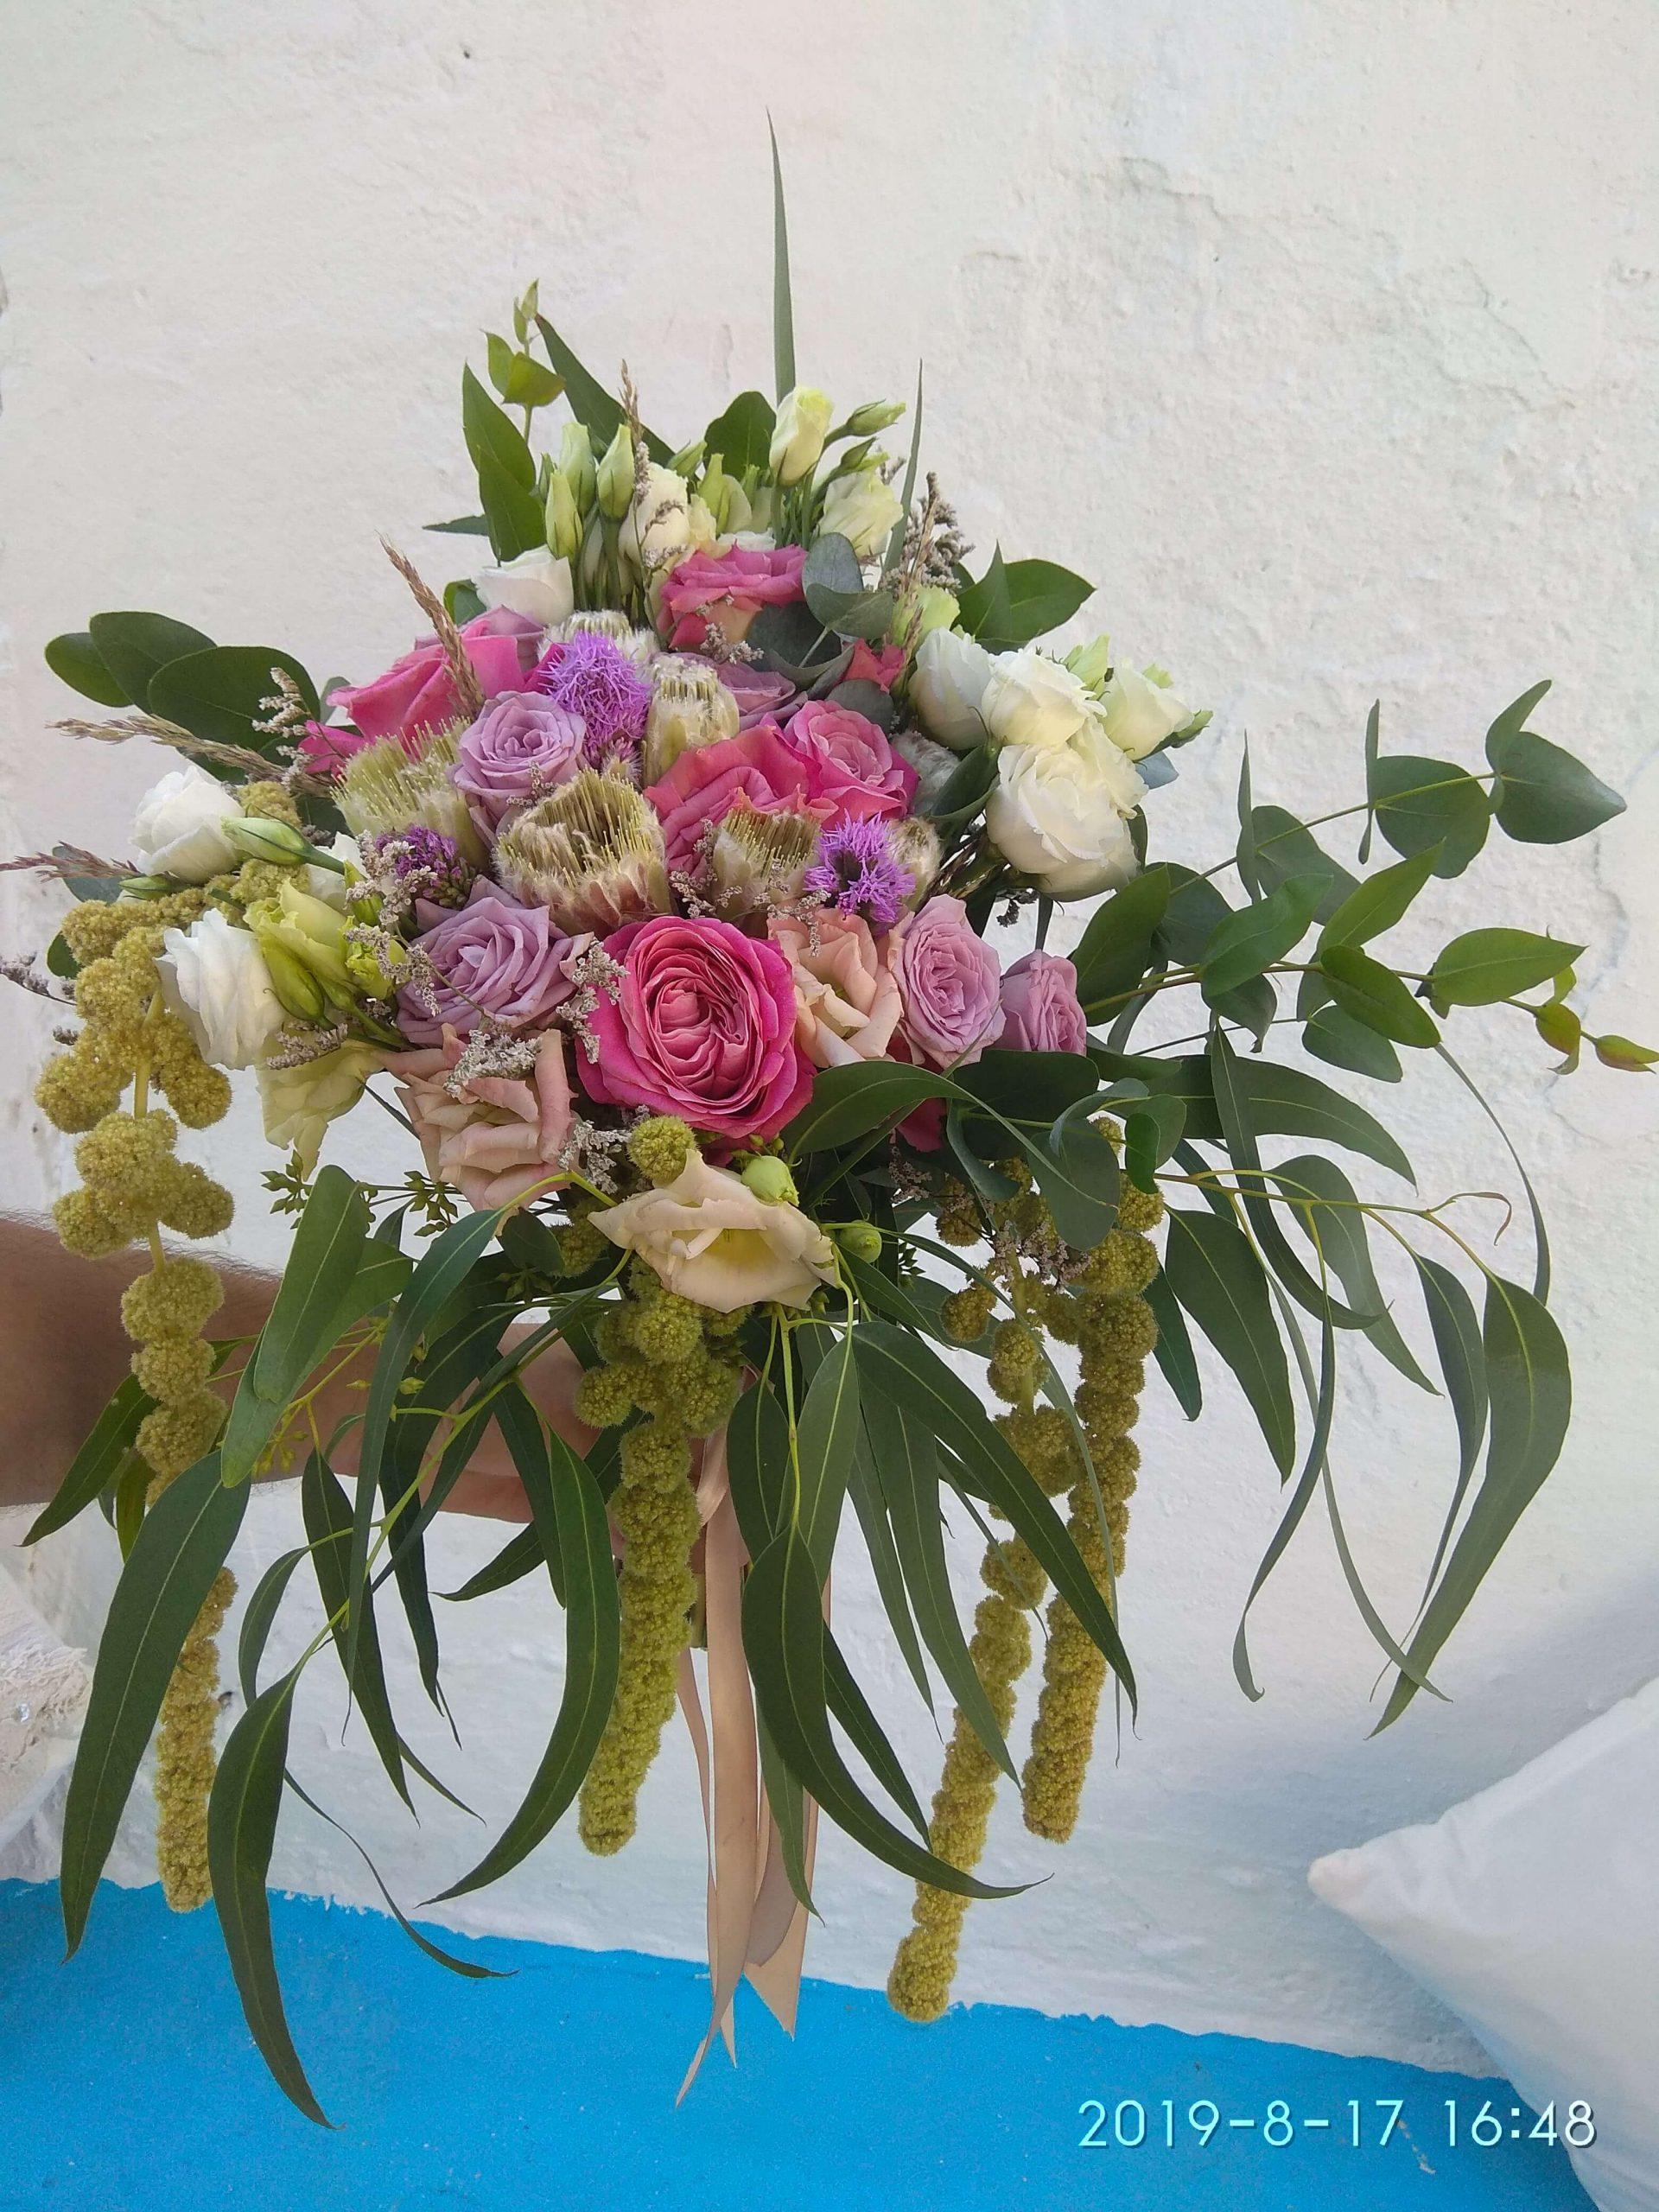 ανθοδέσμη γάμου κρεμαστή με αμάρανθους τριαντάφυλλα και πρωτέες